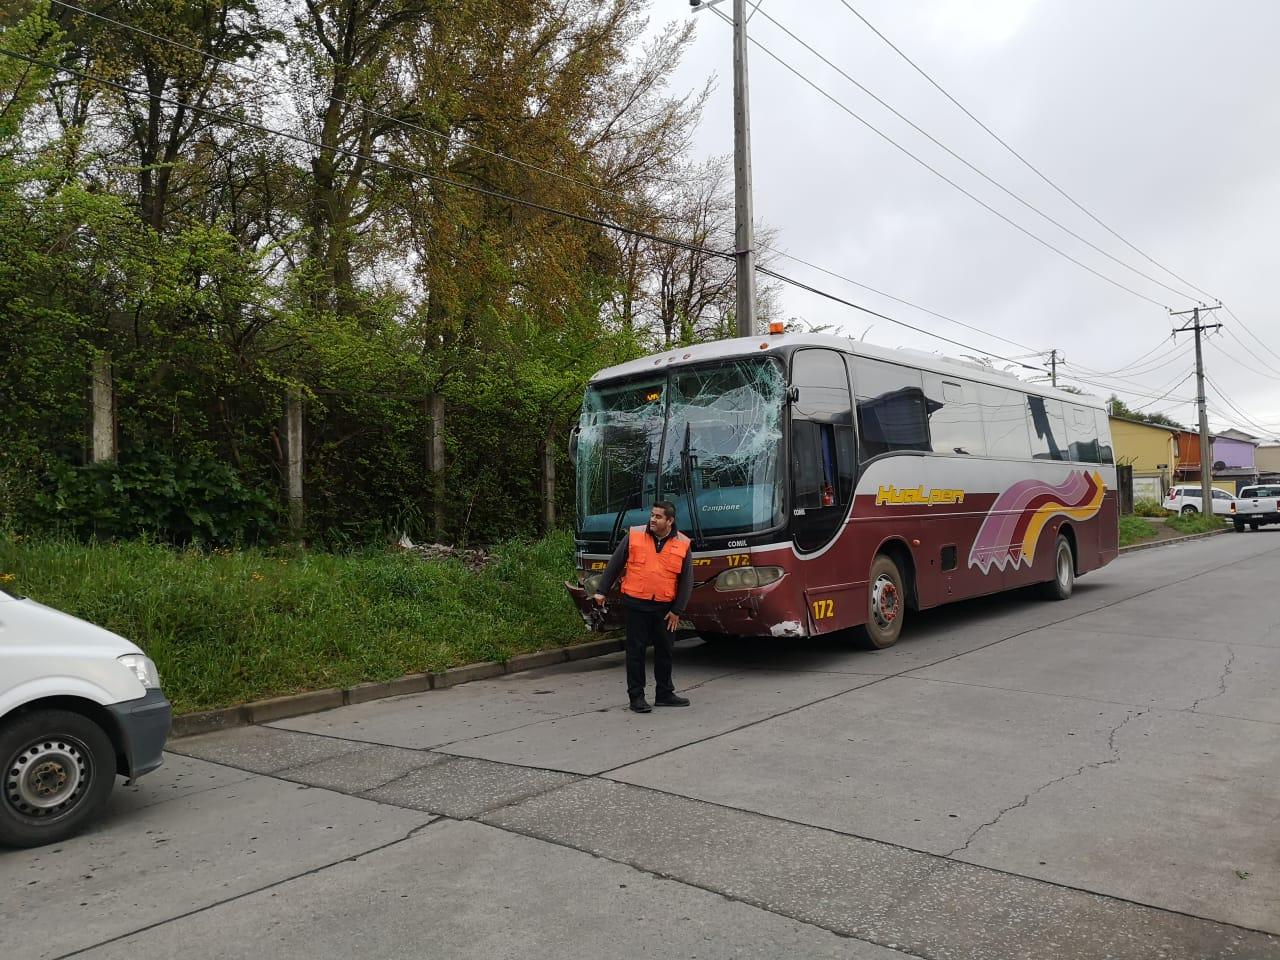 Bus terminó con parabrisas destruidos | Pedro Cid (RBB)